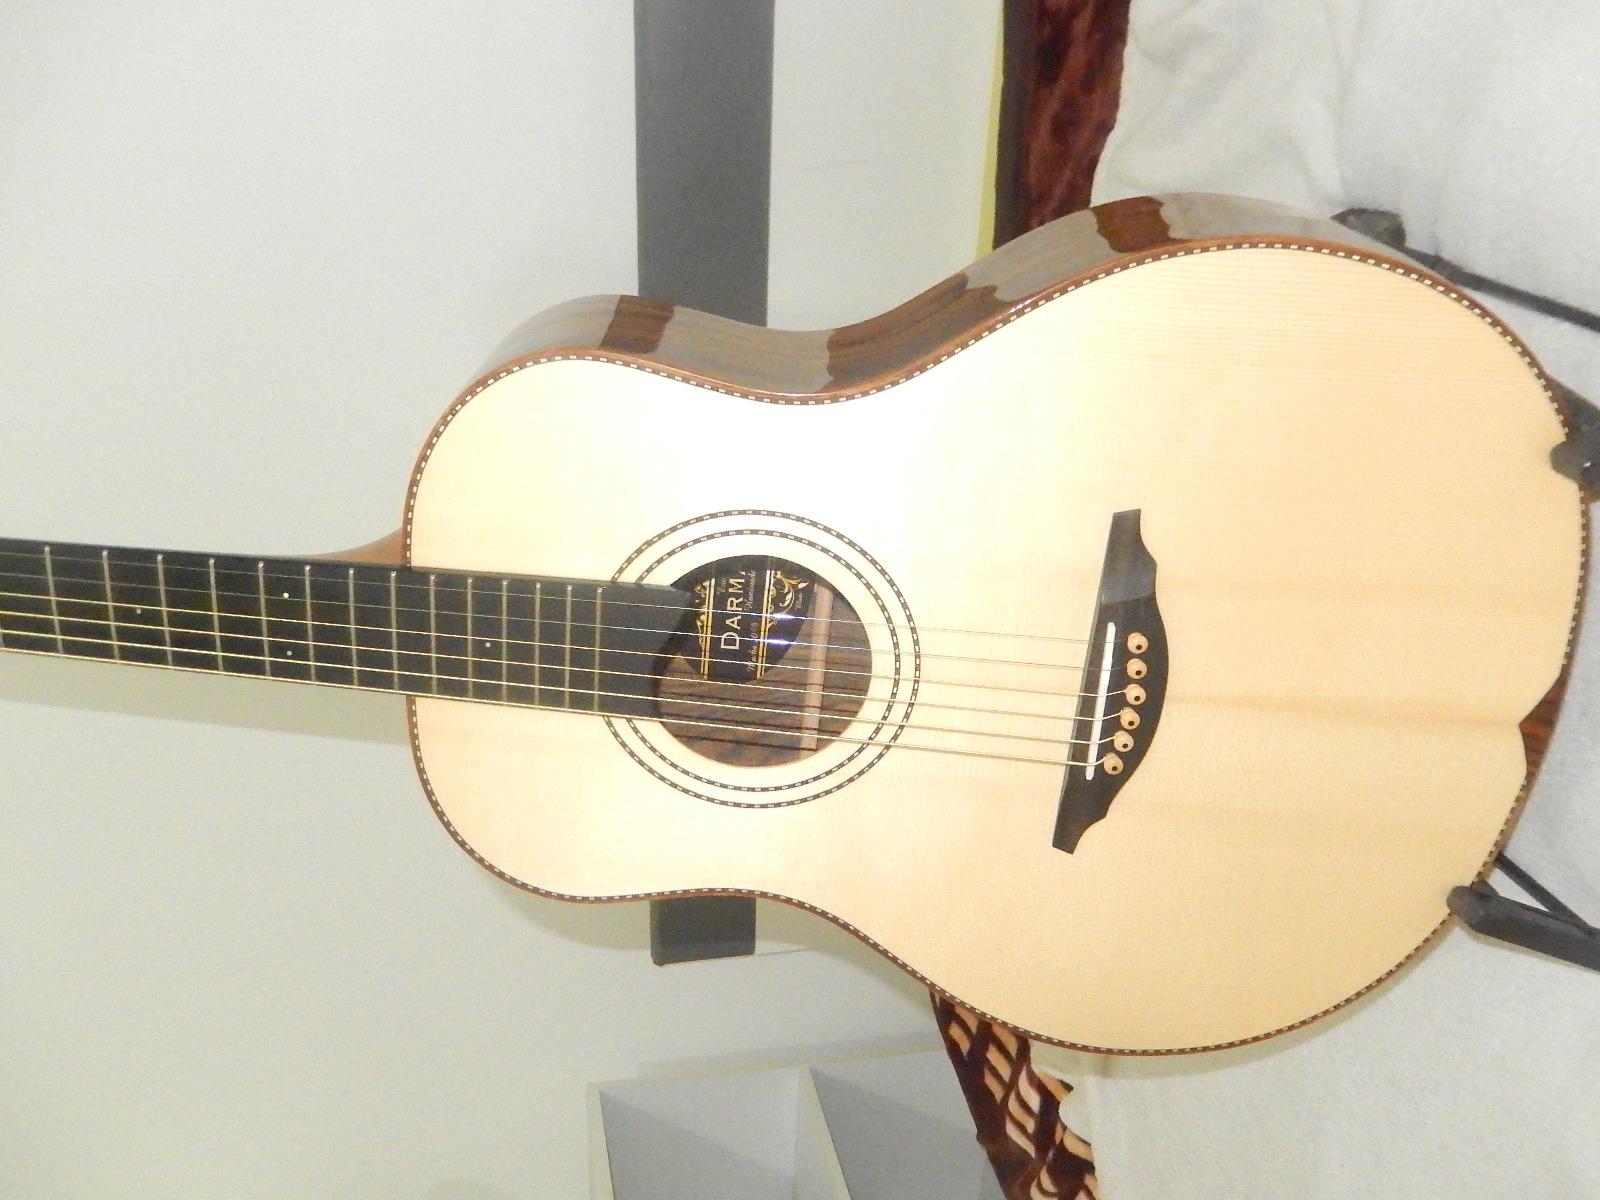 projet guitare Darmagnac en cours!! - Page 4 16022908194026538